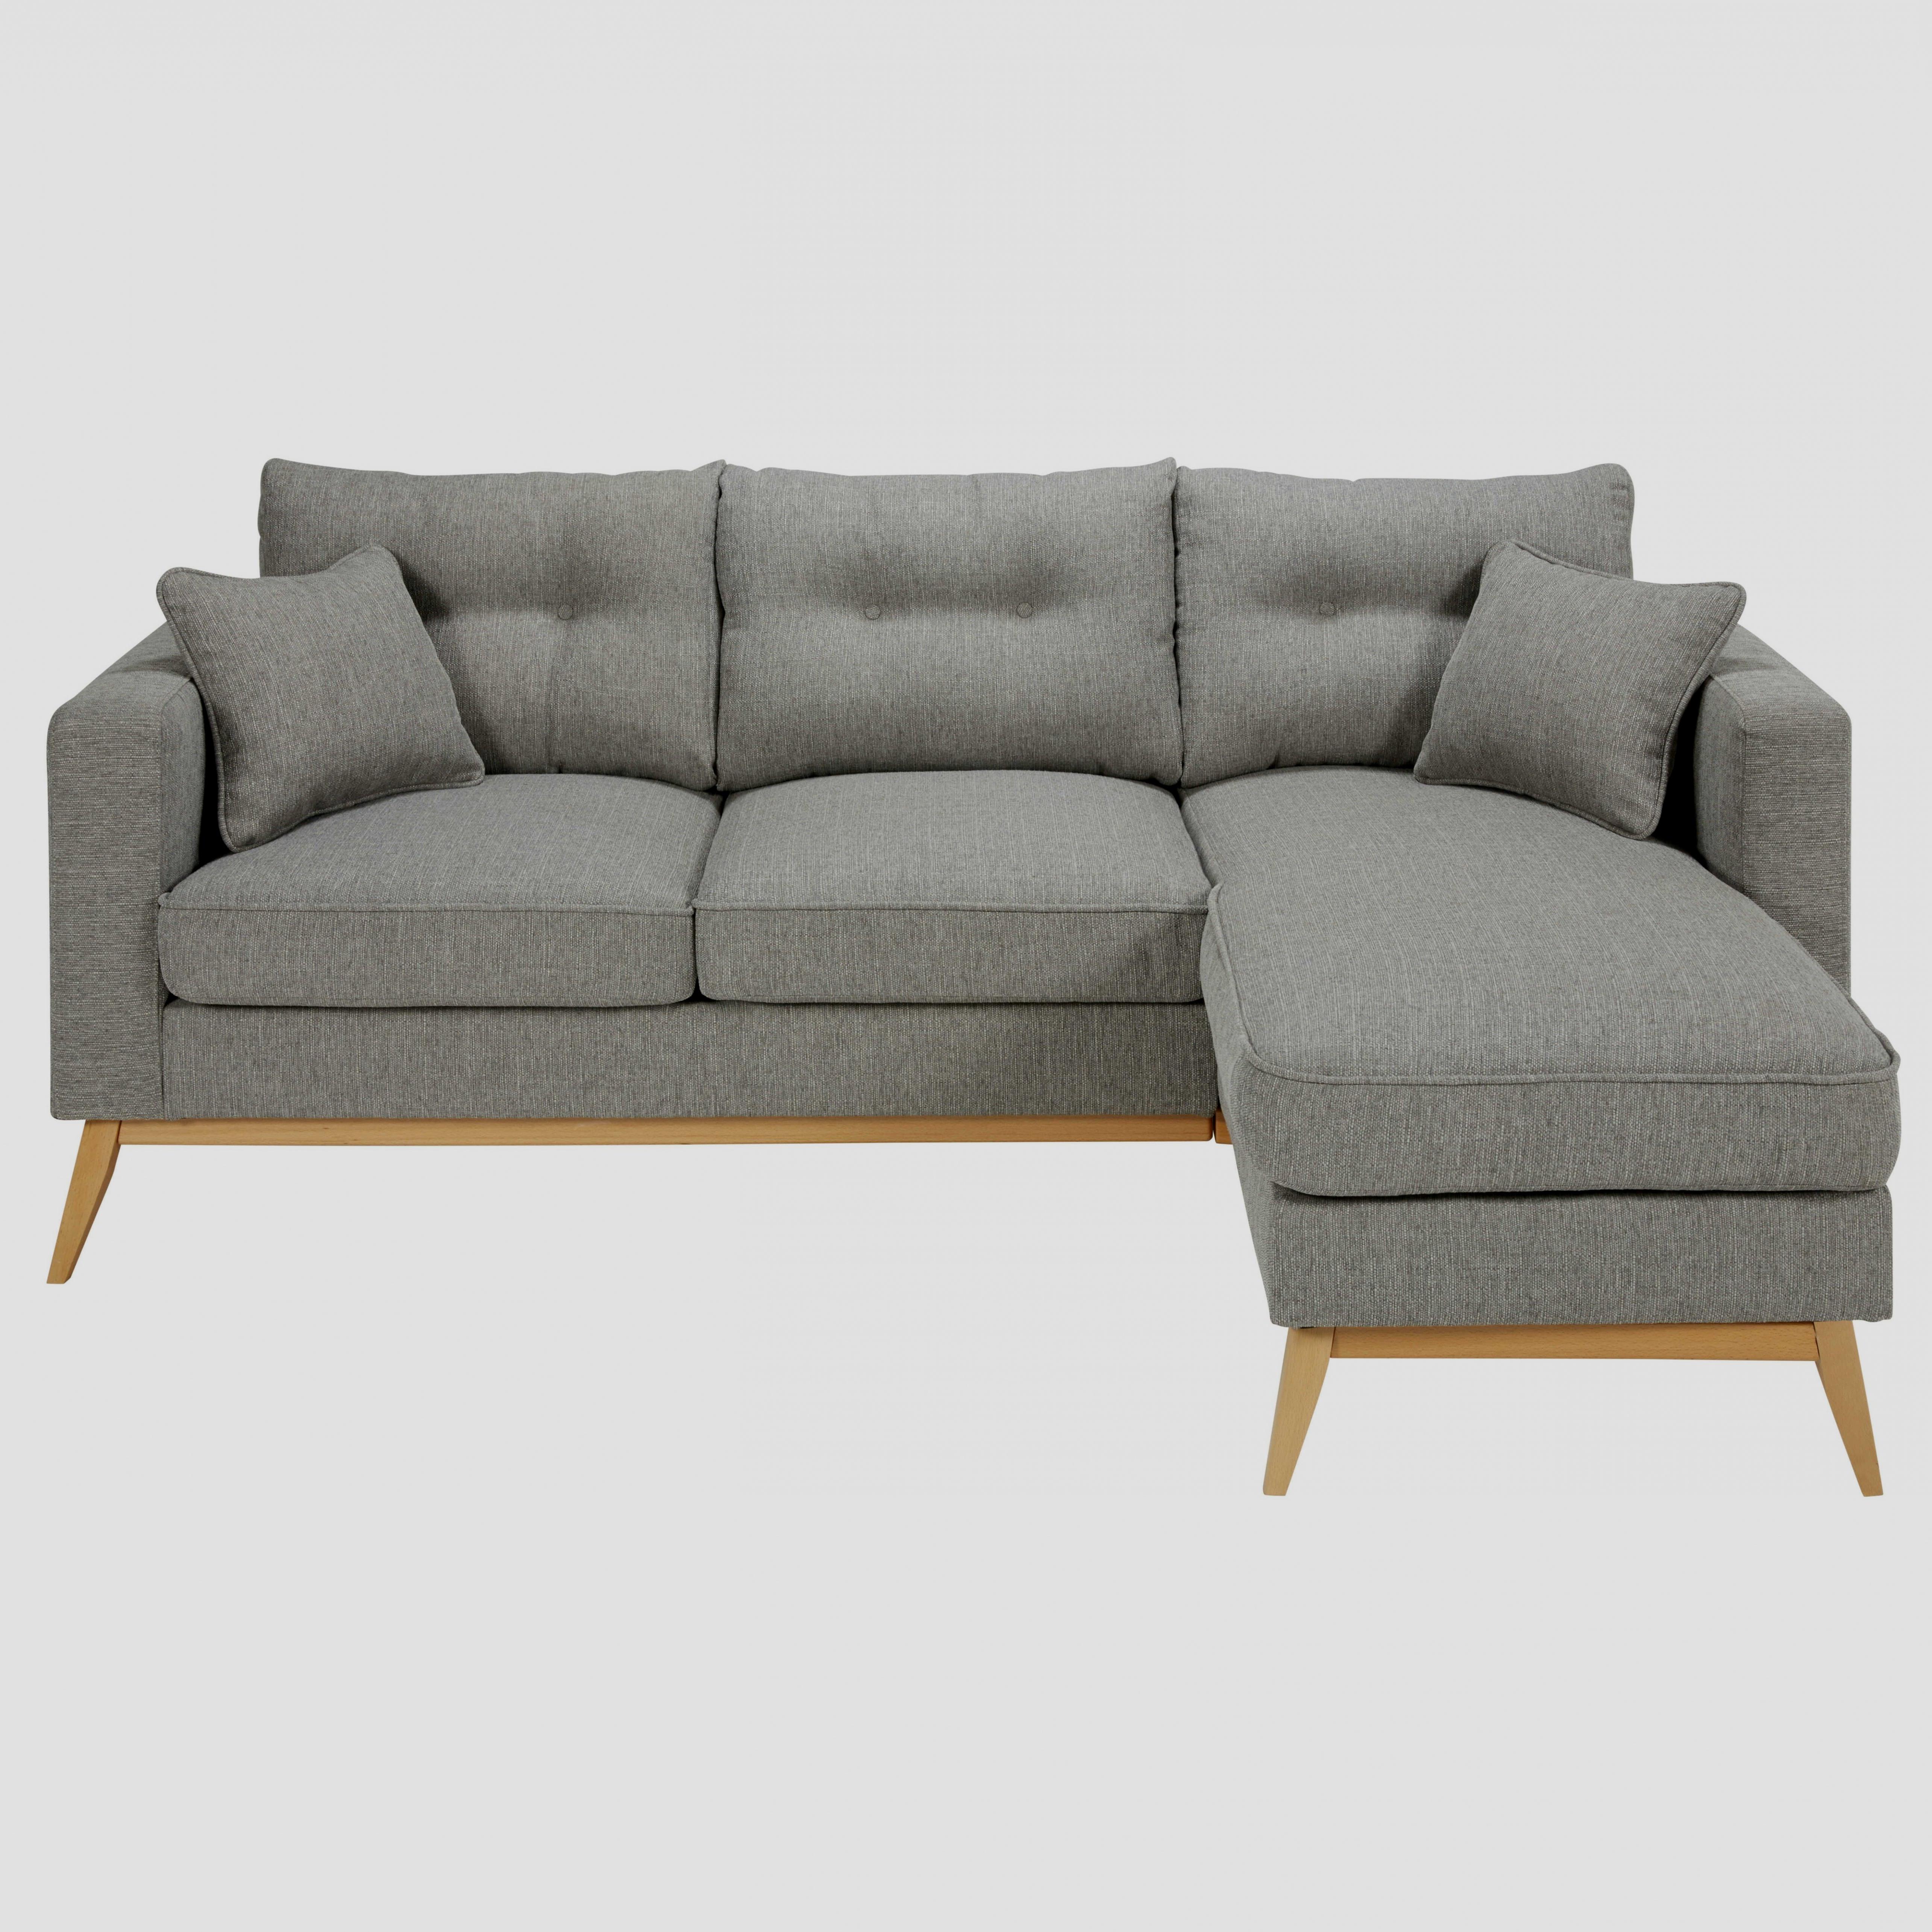 Sofas Modulares Ikea Irdz sofas Modulares Bonito 2 Sitzer sofa Ikea Elegant 2 Sitzer